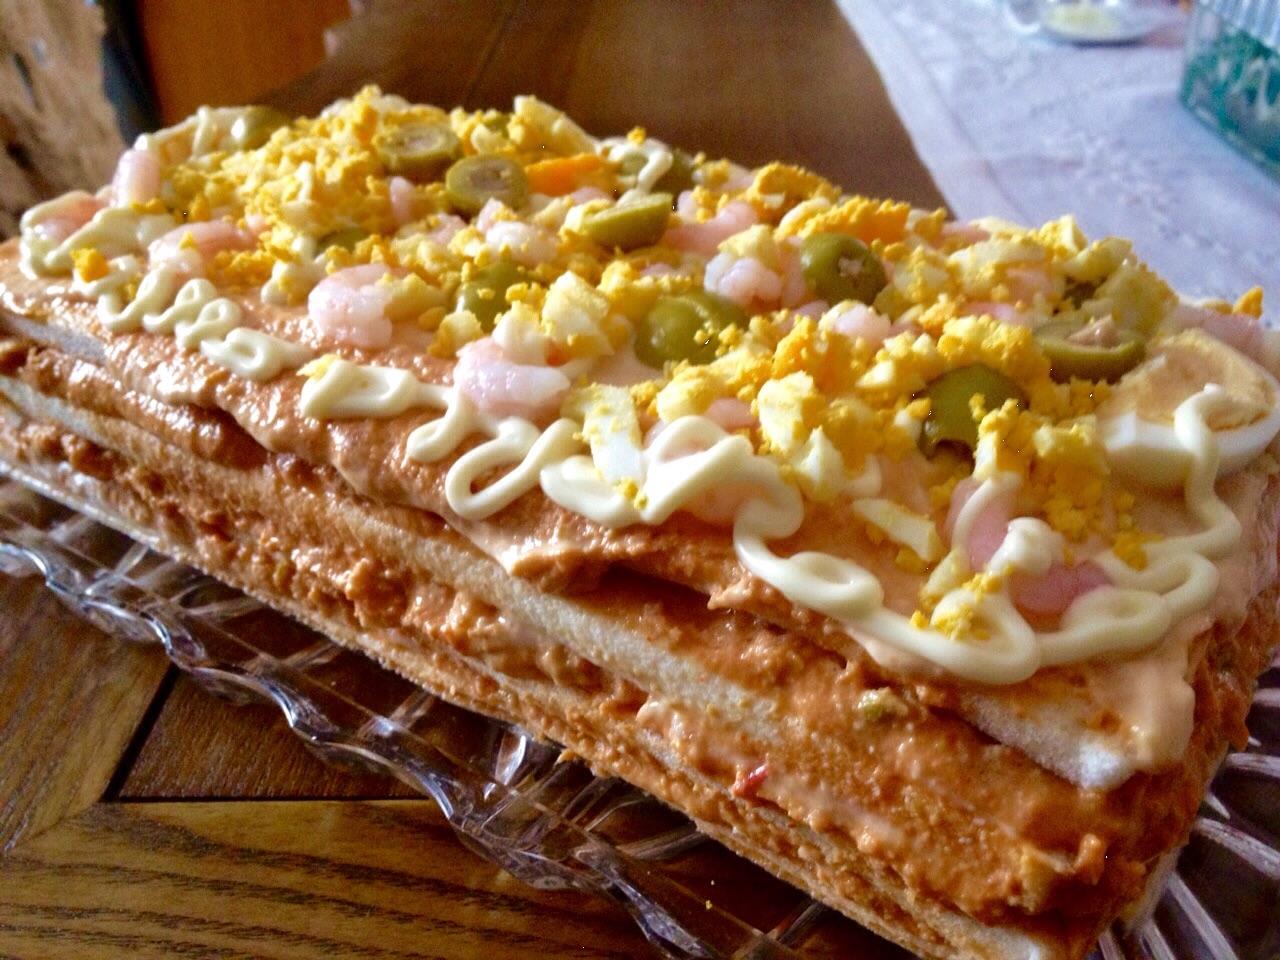 Macrecetas recetas de cocina y mac p gina 8 - Recetas merienda cena informal ...